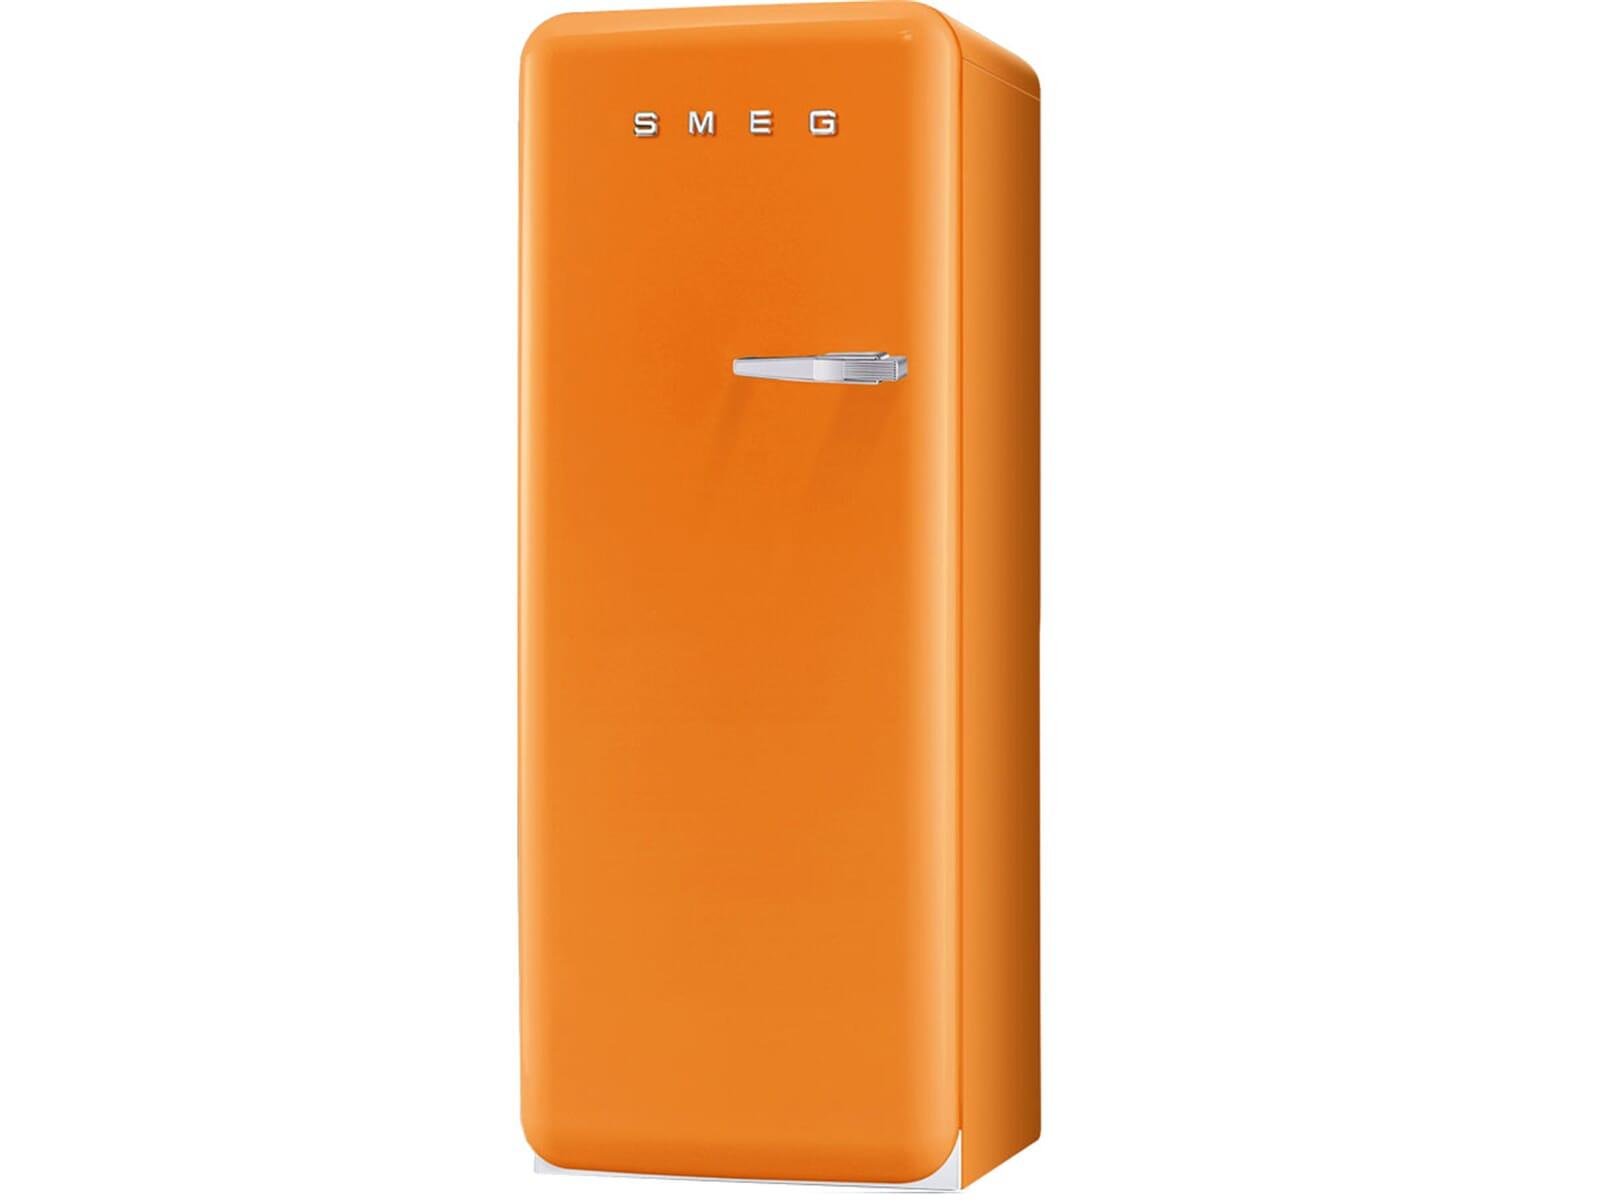 Smeg Kühlschrank Maße : Kühlschrank abmessungen whirlpool arg a er nische